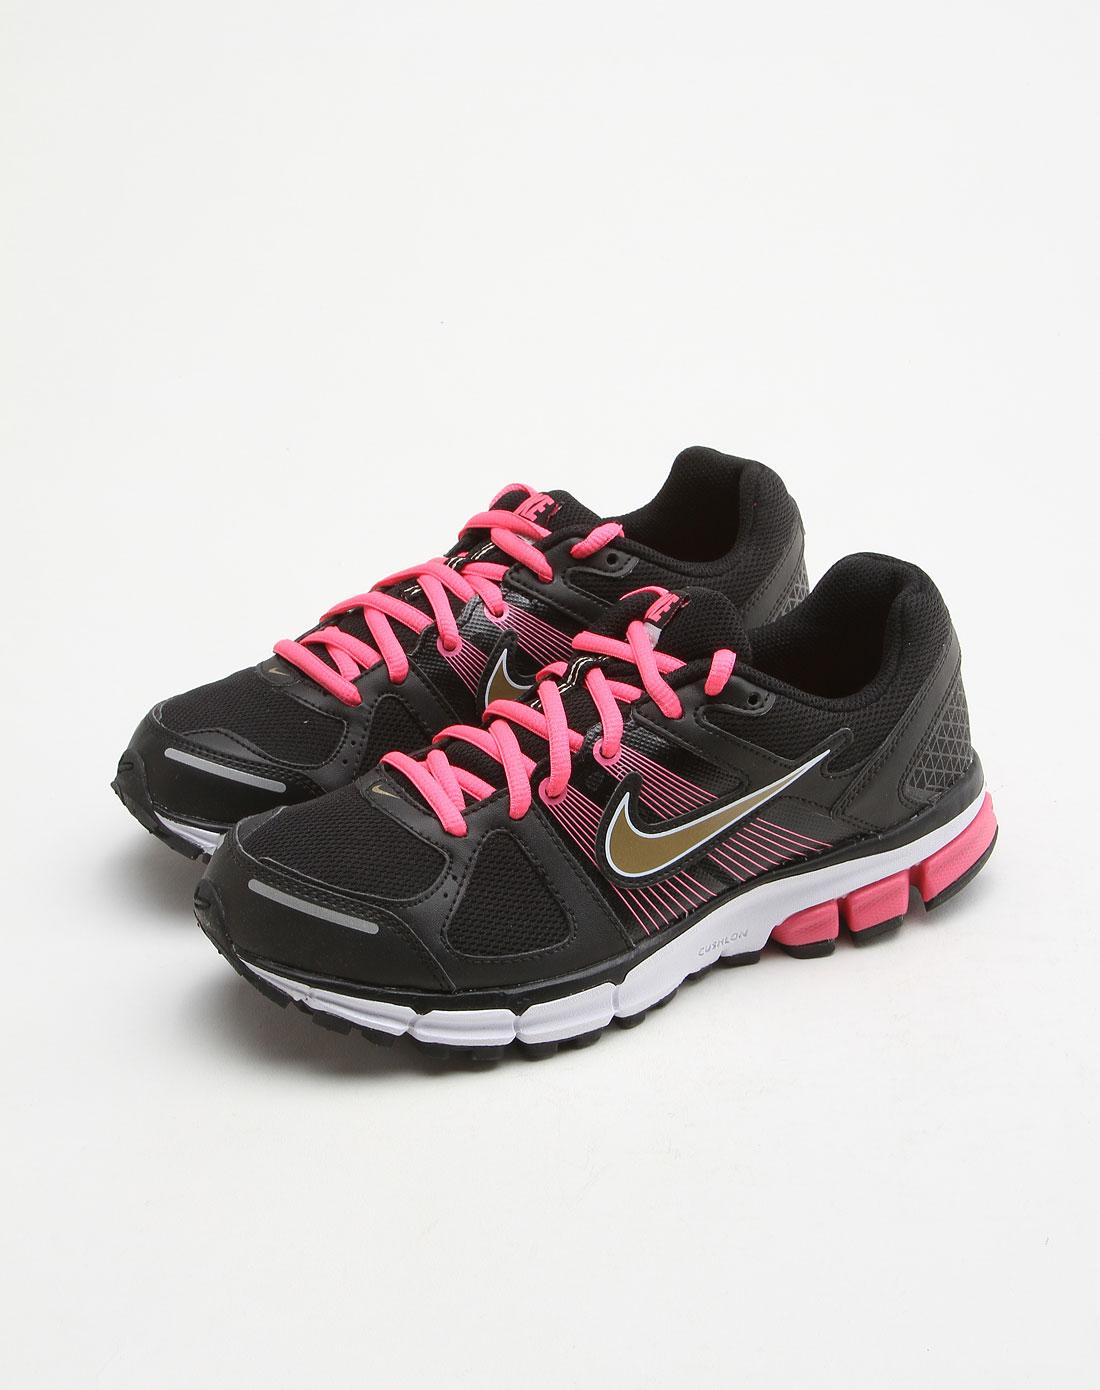 耐克nike-童装儿童黑色网面舒适透气运动鞋443993